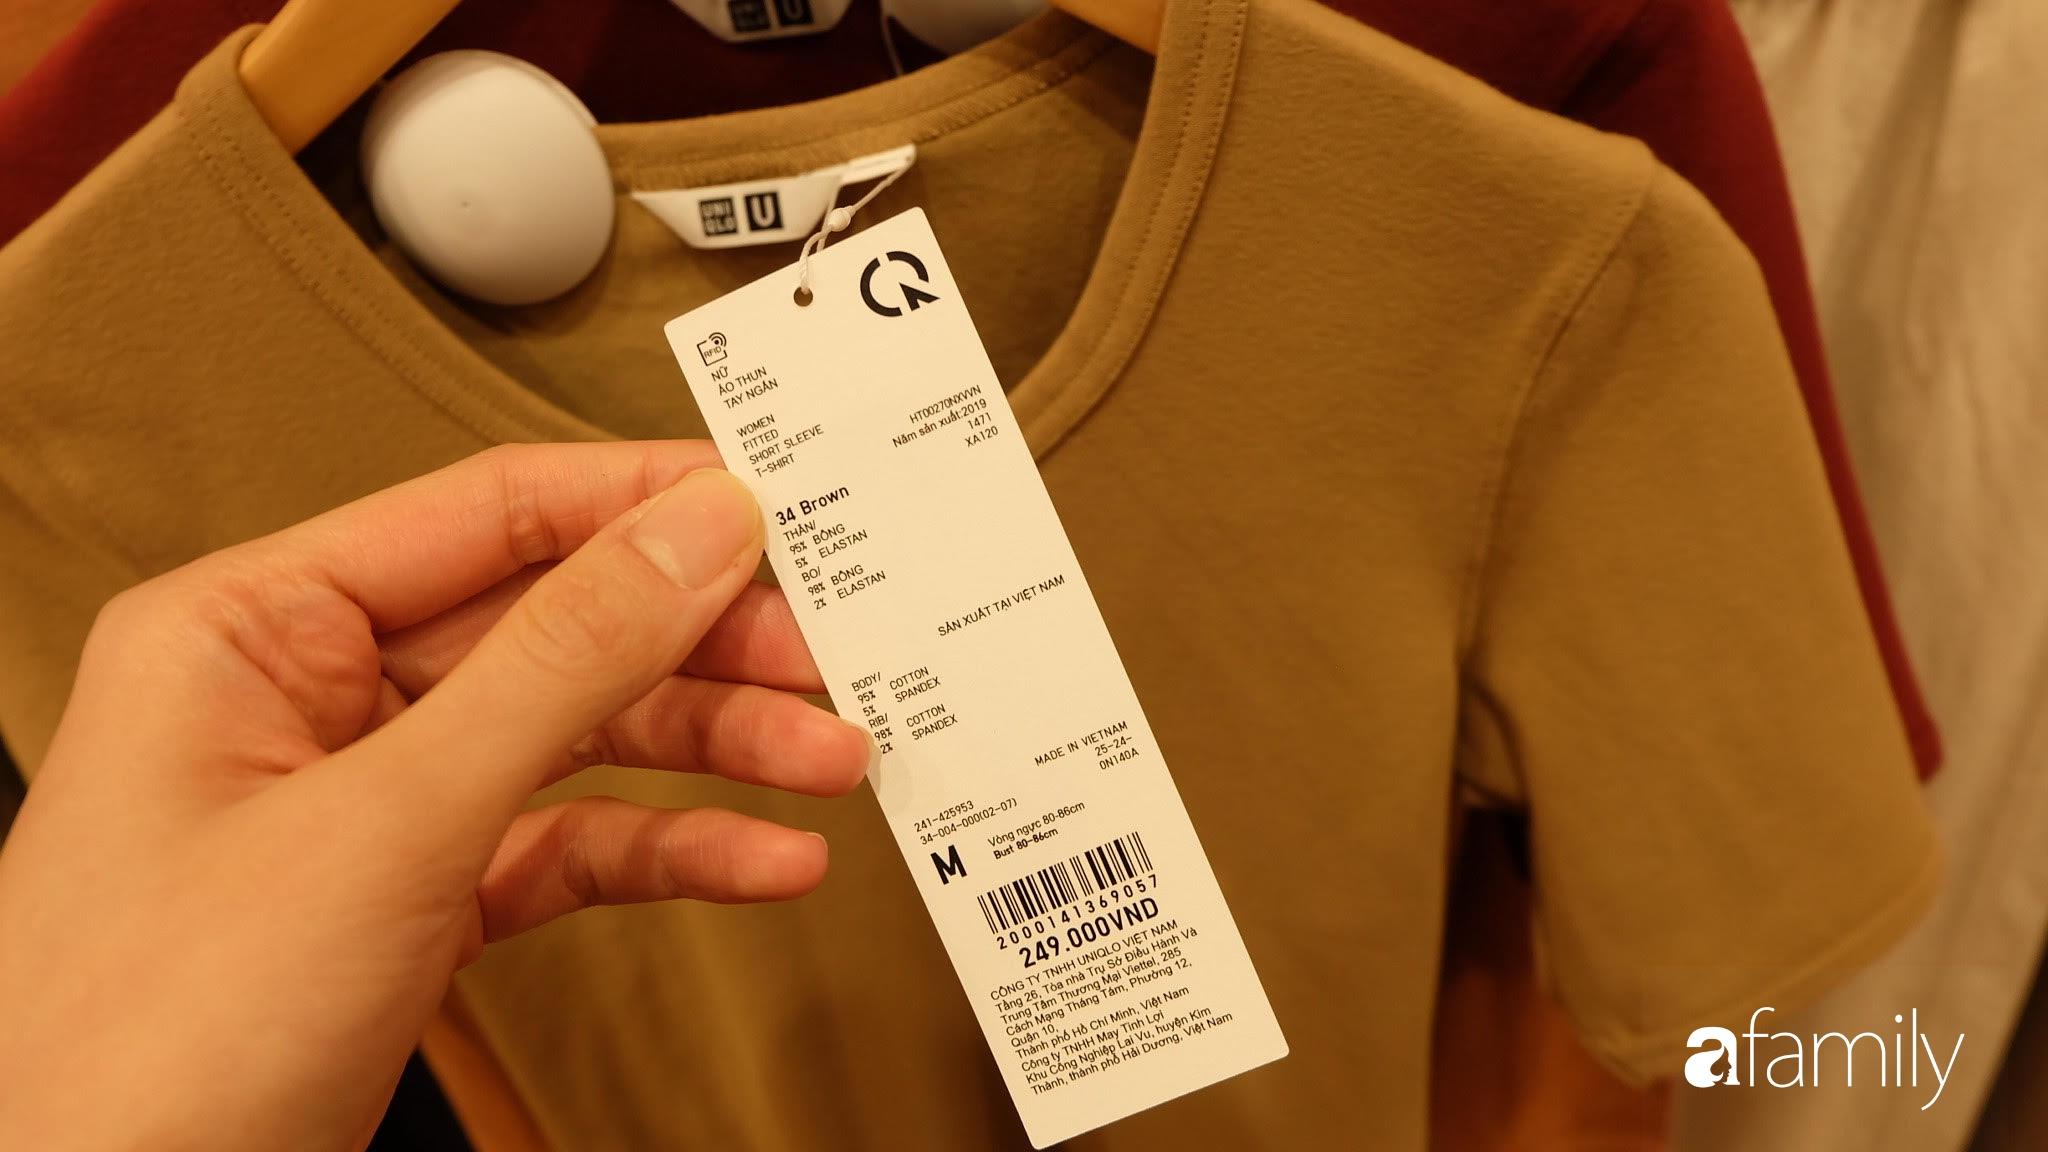 Đột nhập store UNIQLO trước khai trương: Sờ tận tay BST kết hợp cùng cựu Giám đốc sáng tạo Hermès, tưởng đắt hoá ra chỉ 249k  - Ảnh 5.